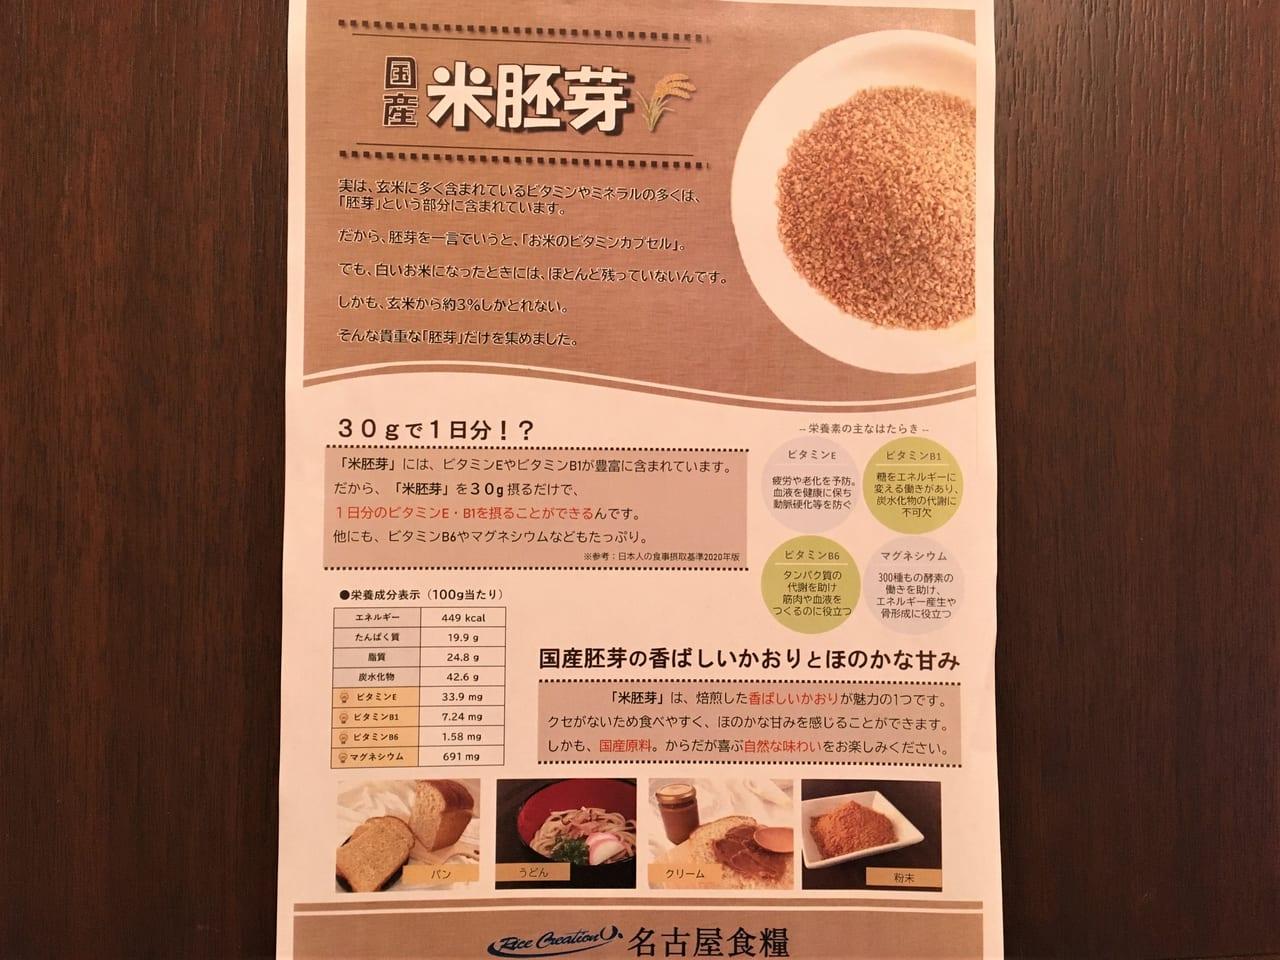 カフェレストランICHIMOで販売開始された国産の米胚芽食パンの説明書